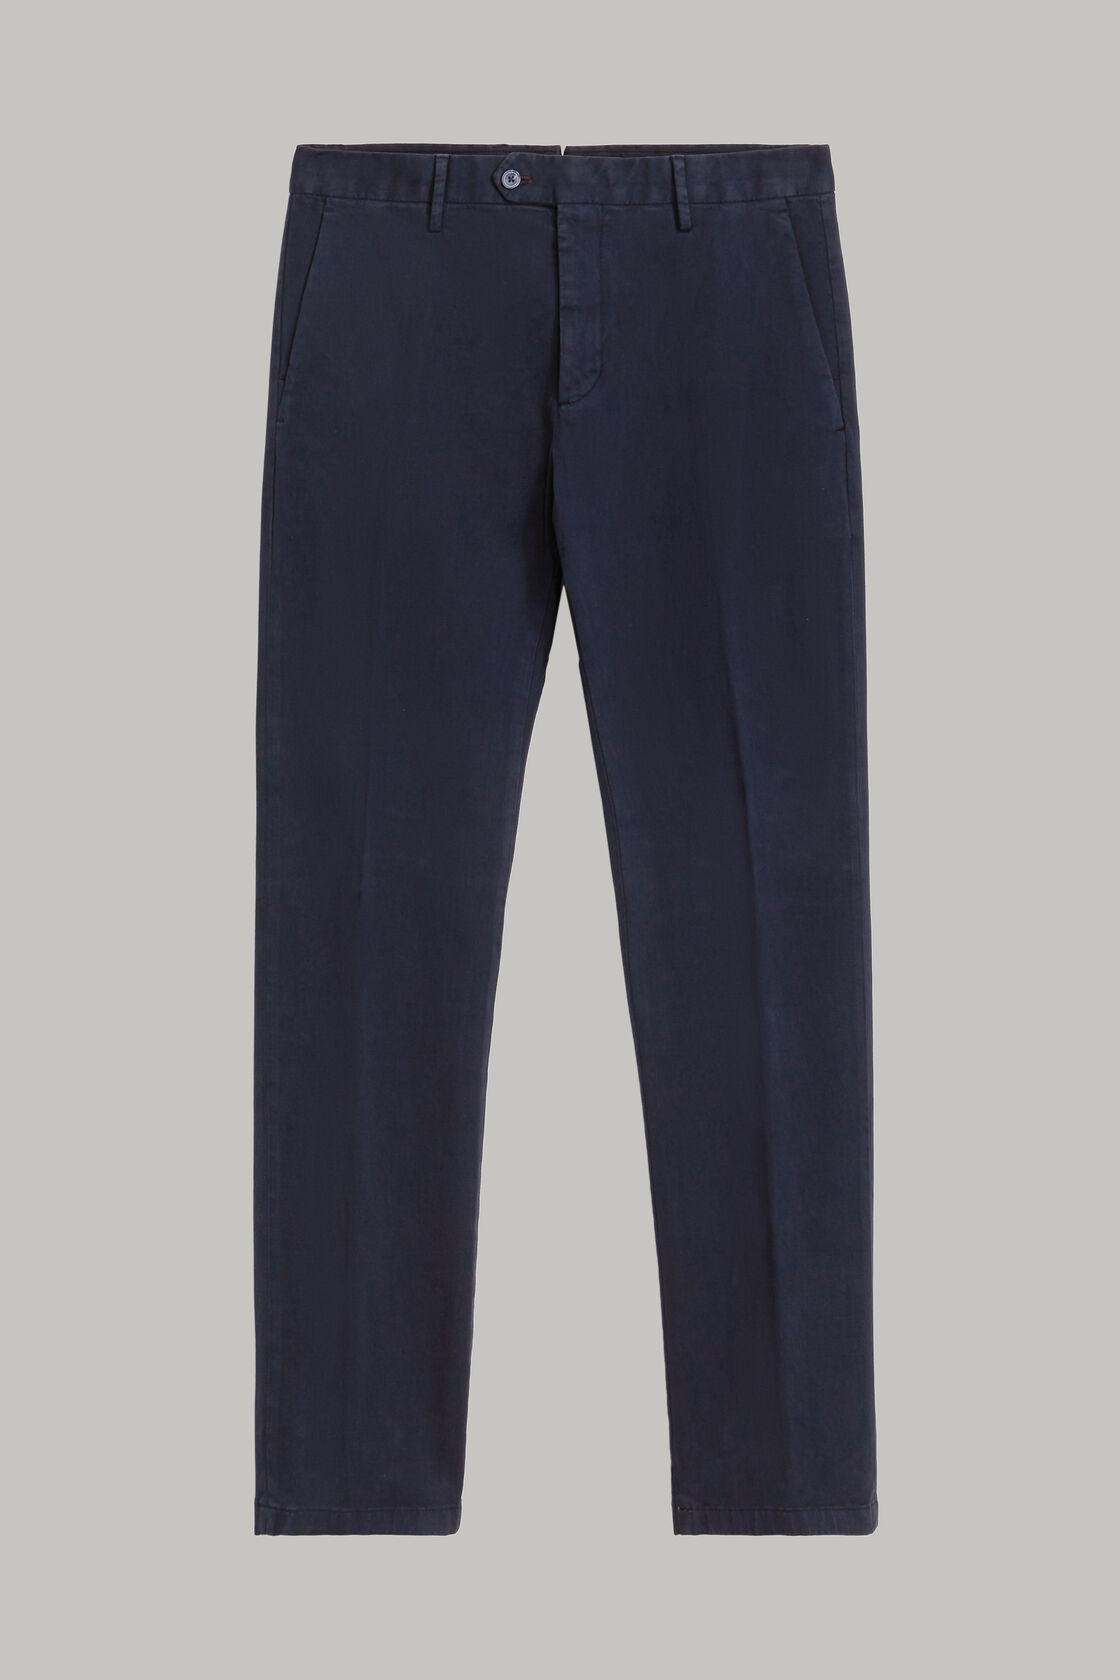 Hose aus elastischer baumwolle, Blau, hi-res